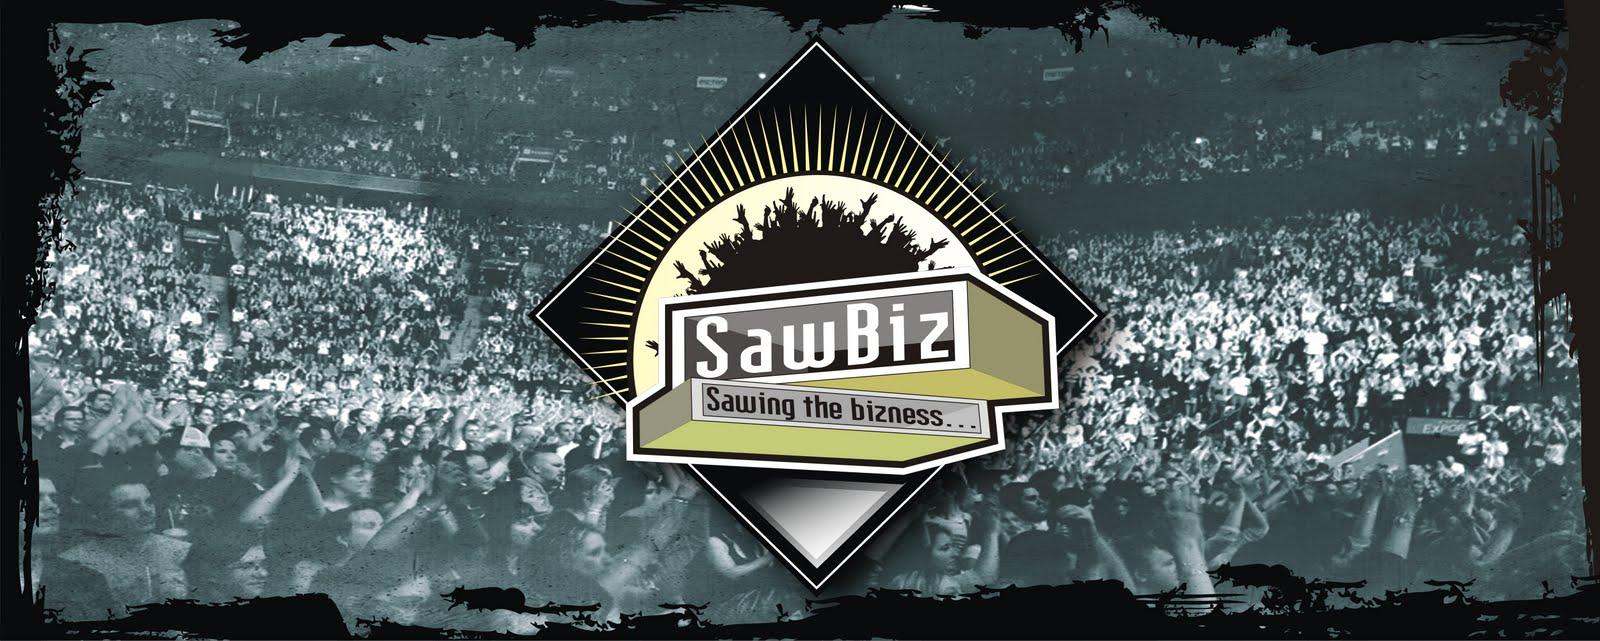 SAWBIZ